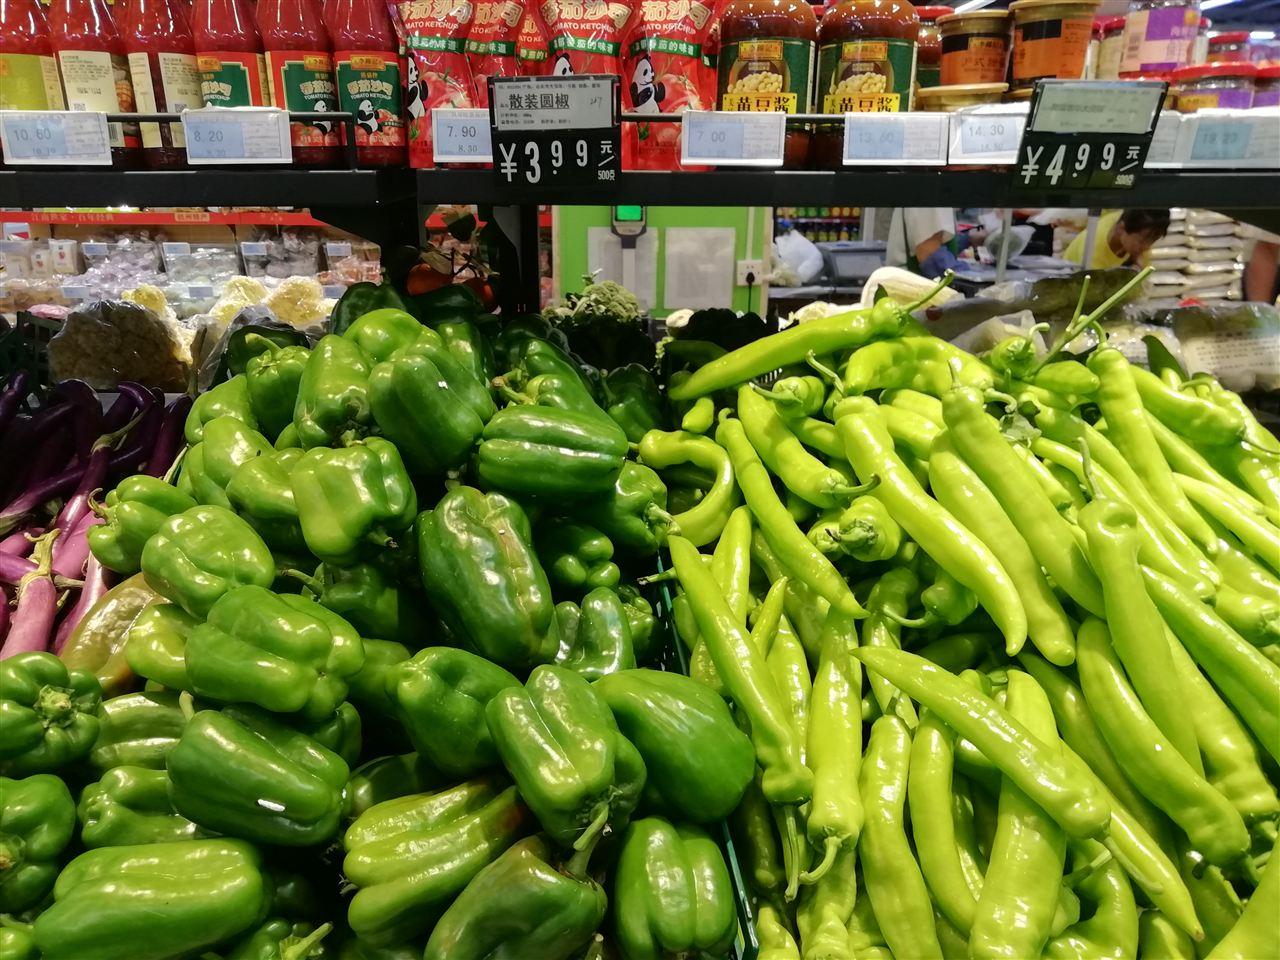 营养不应该用价格衡量 仪器人眼中的网红食品